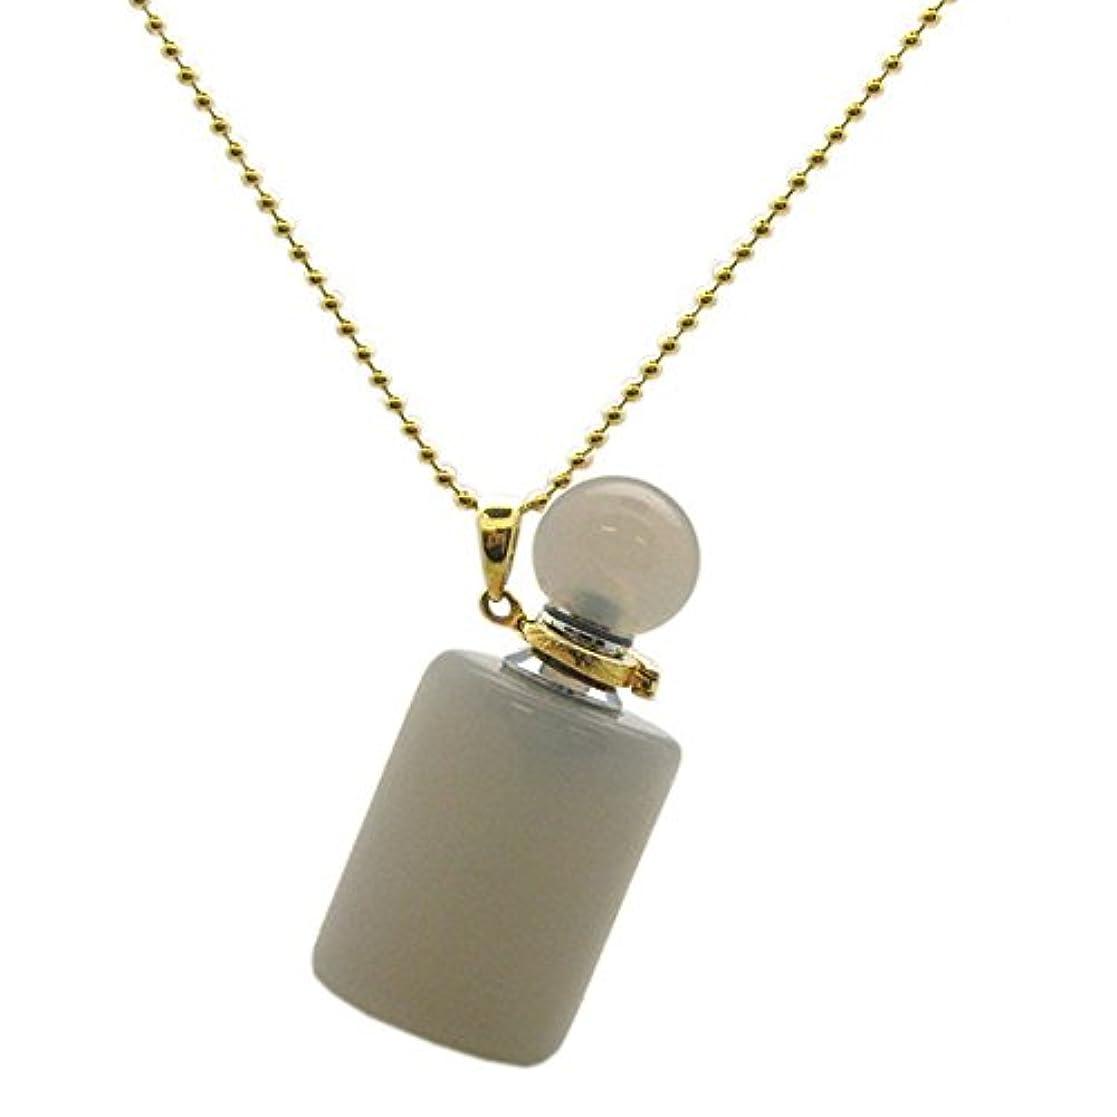 ティーンエイジャー好色なソーシャルケイトAvenue Gold over Sterling Silver Gemstone Aromatherapy Essential Oil Diffuserネックレス、香水とMosquito Repellentネックレス...